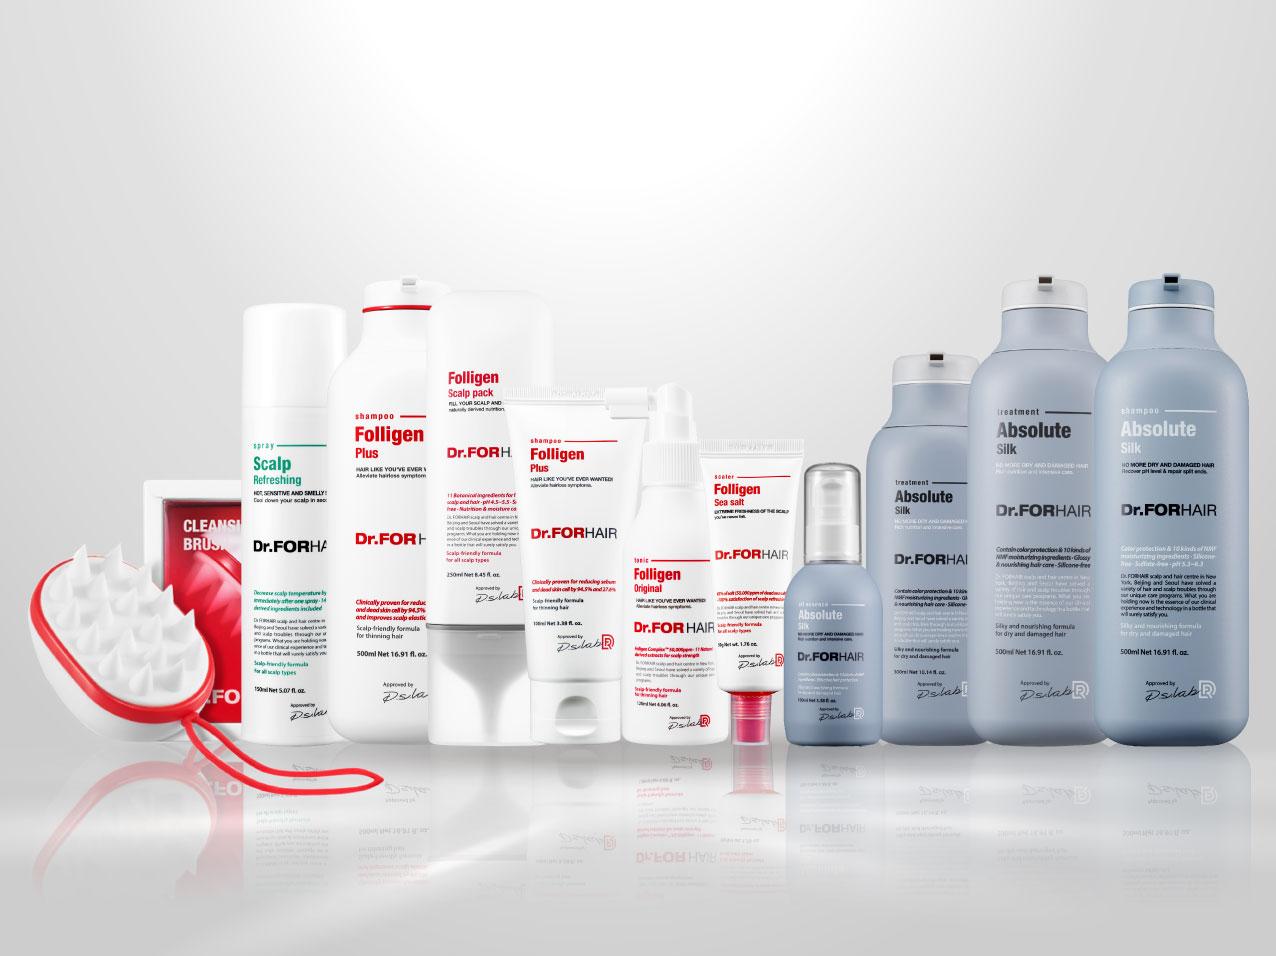 Dr.FORHAIR thương hiệu chăm sóc tóc chuyên sâu Top 1 Hàn Quốc